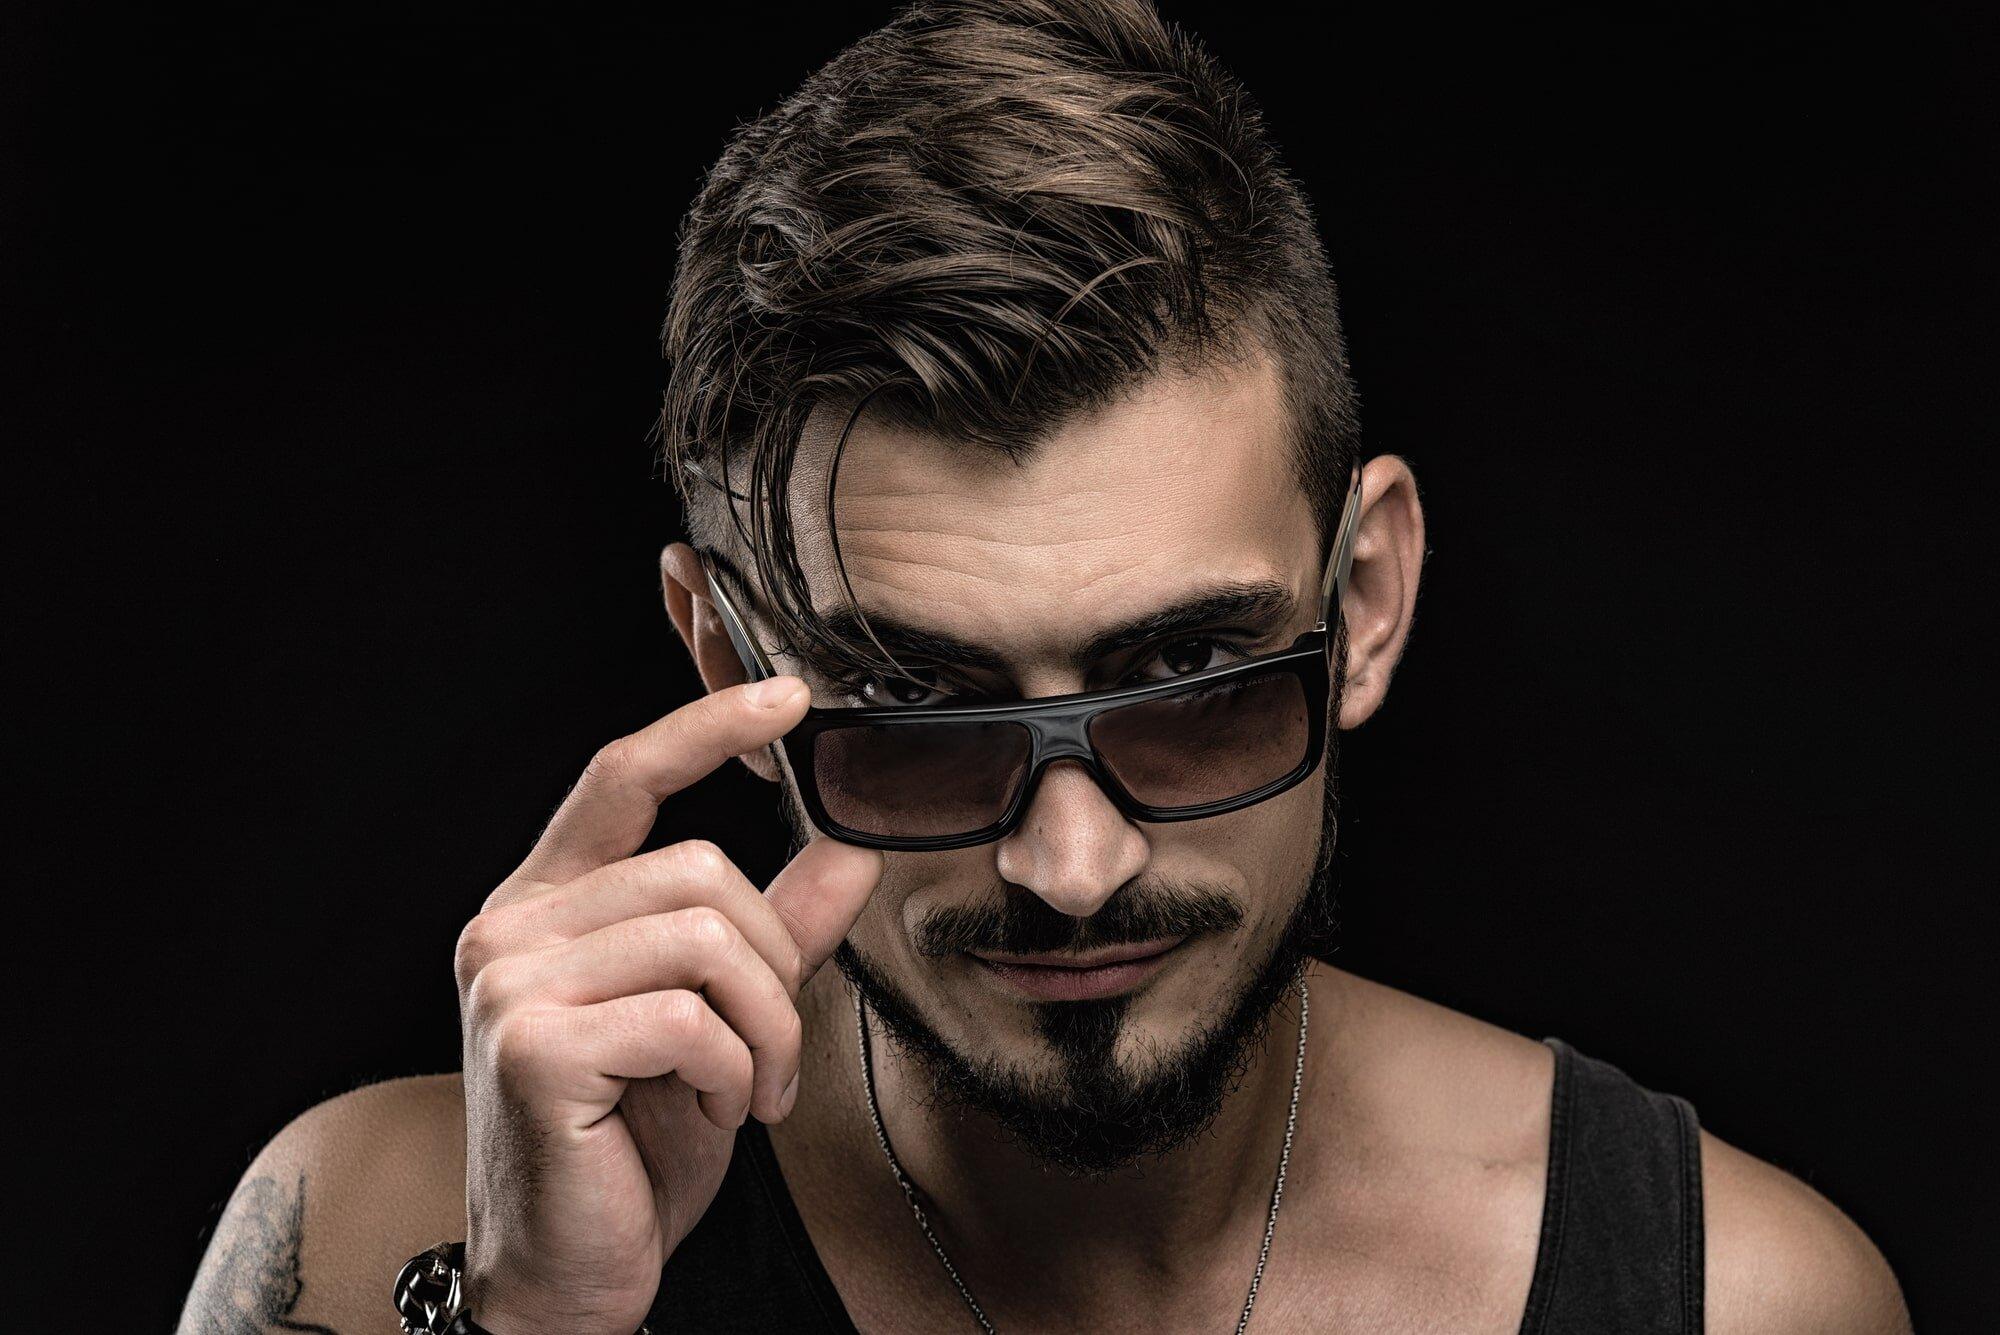 צילום פורטרט פנים לבחור צעיר עם משקפי שמש